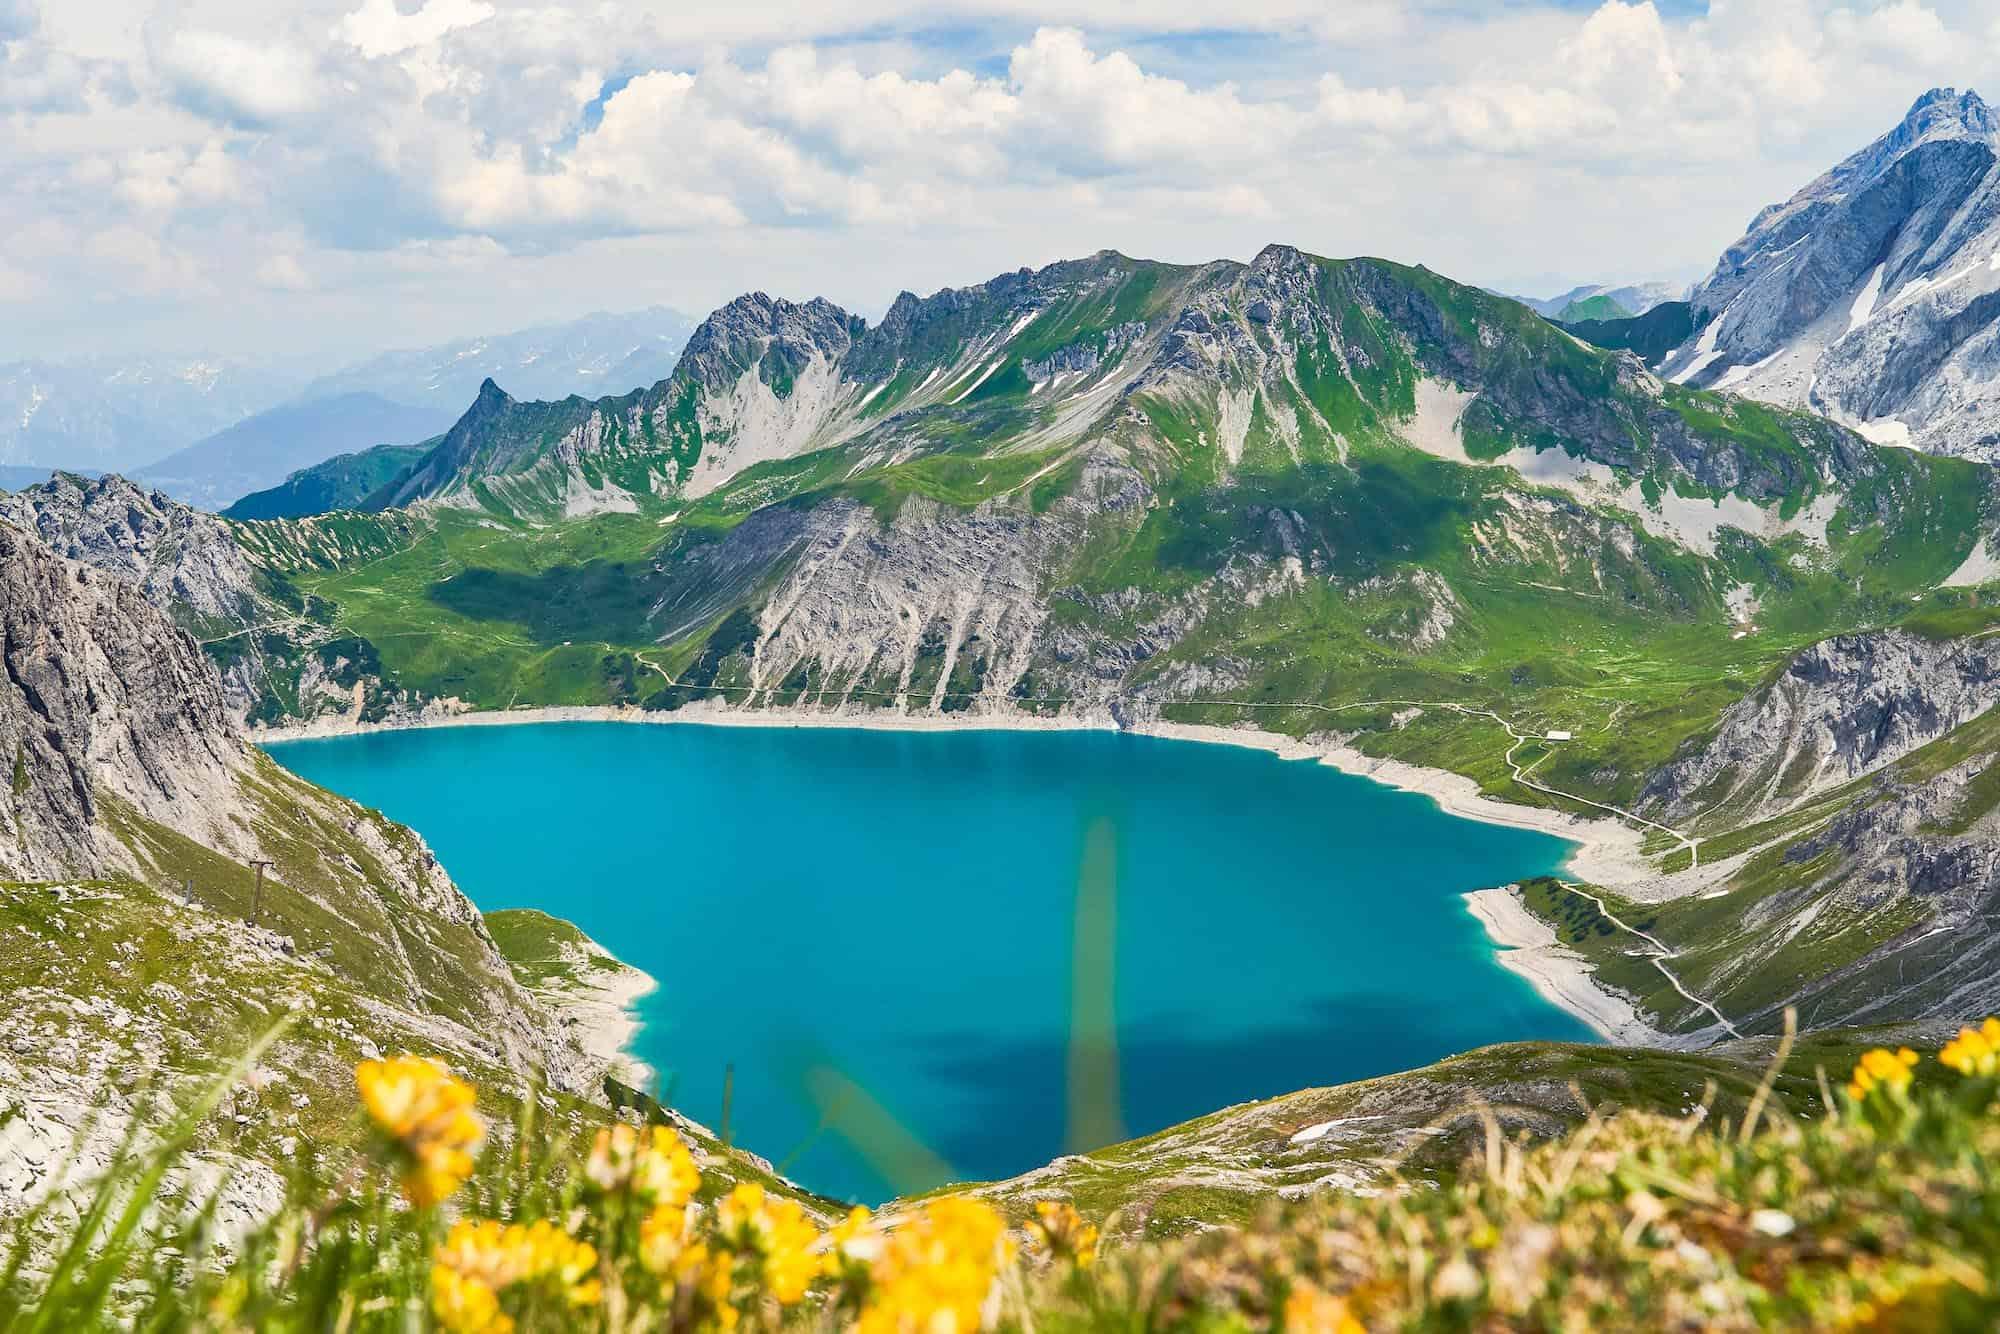 Lünersee Hikes in Austria